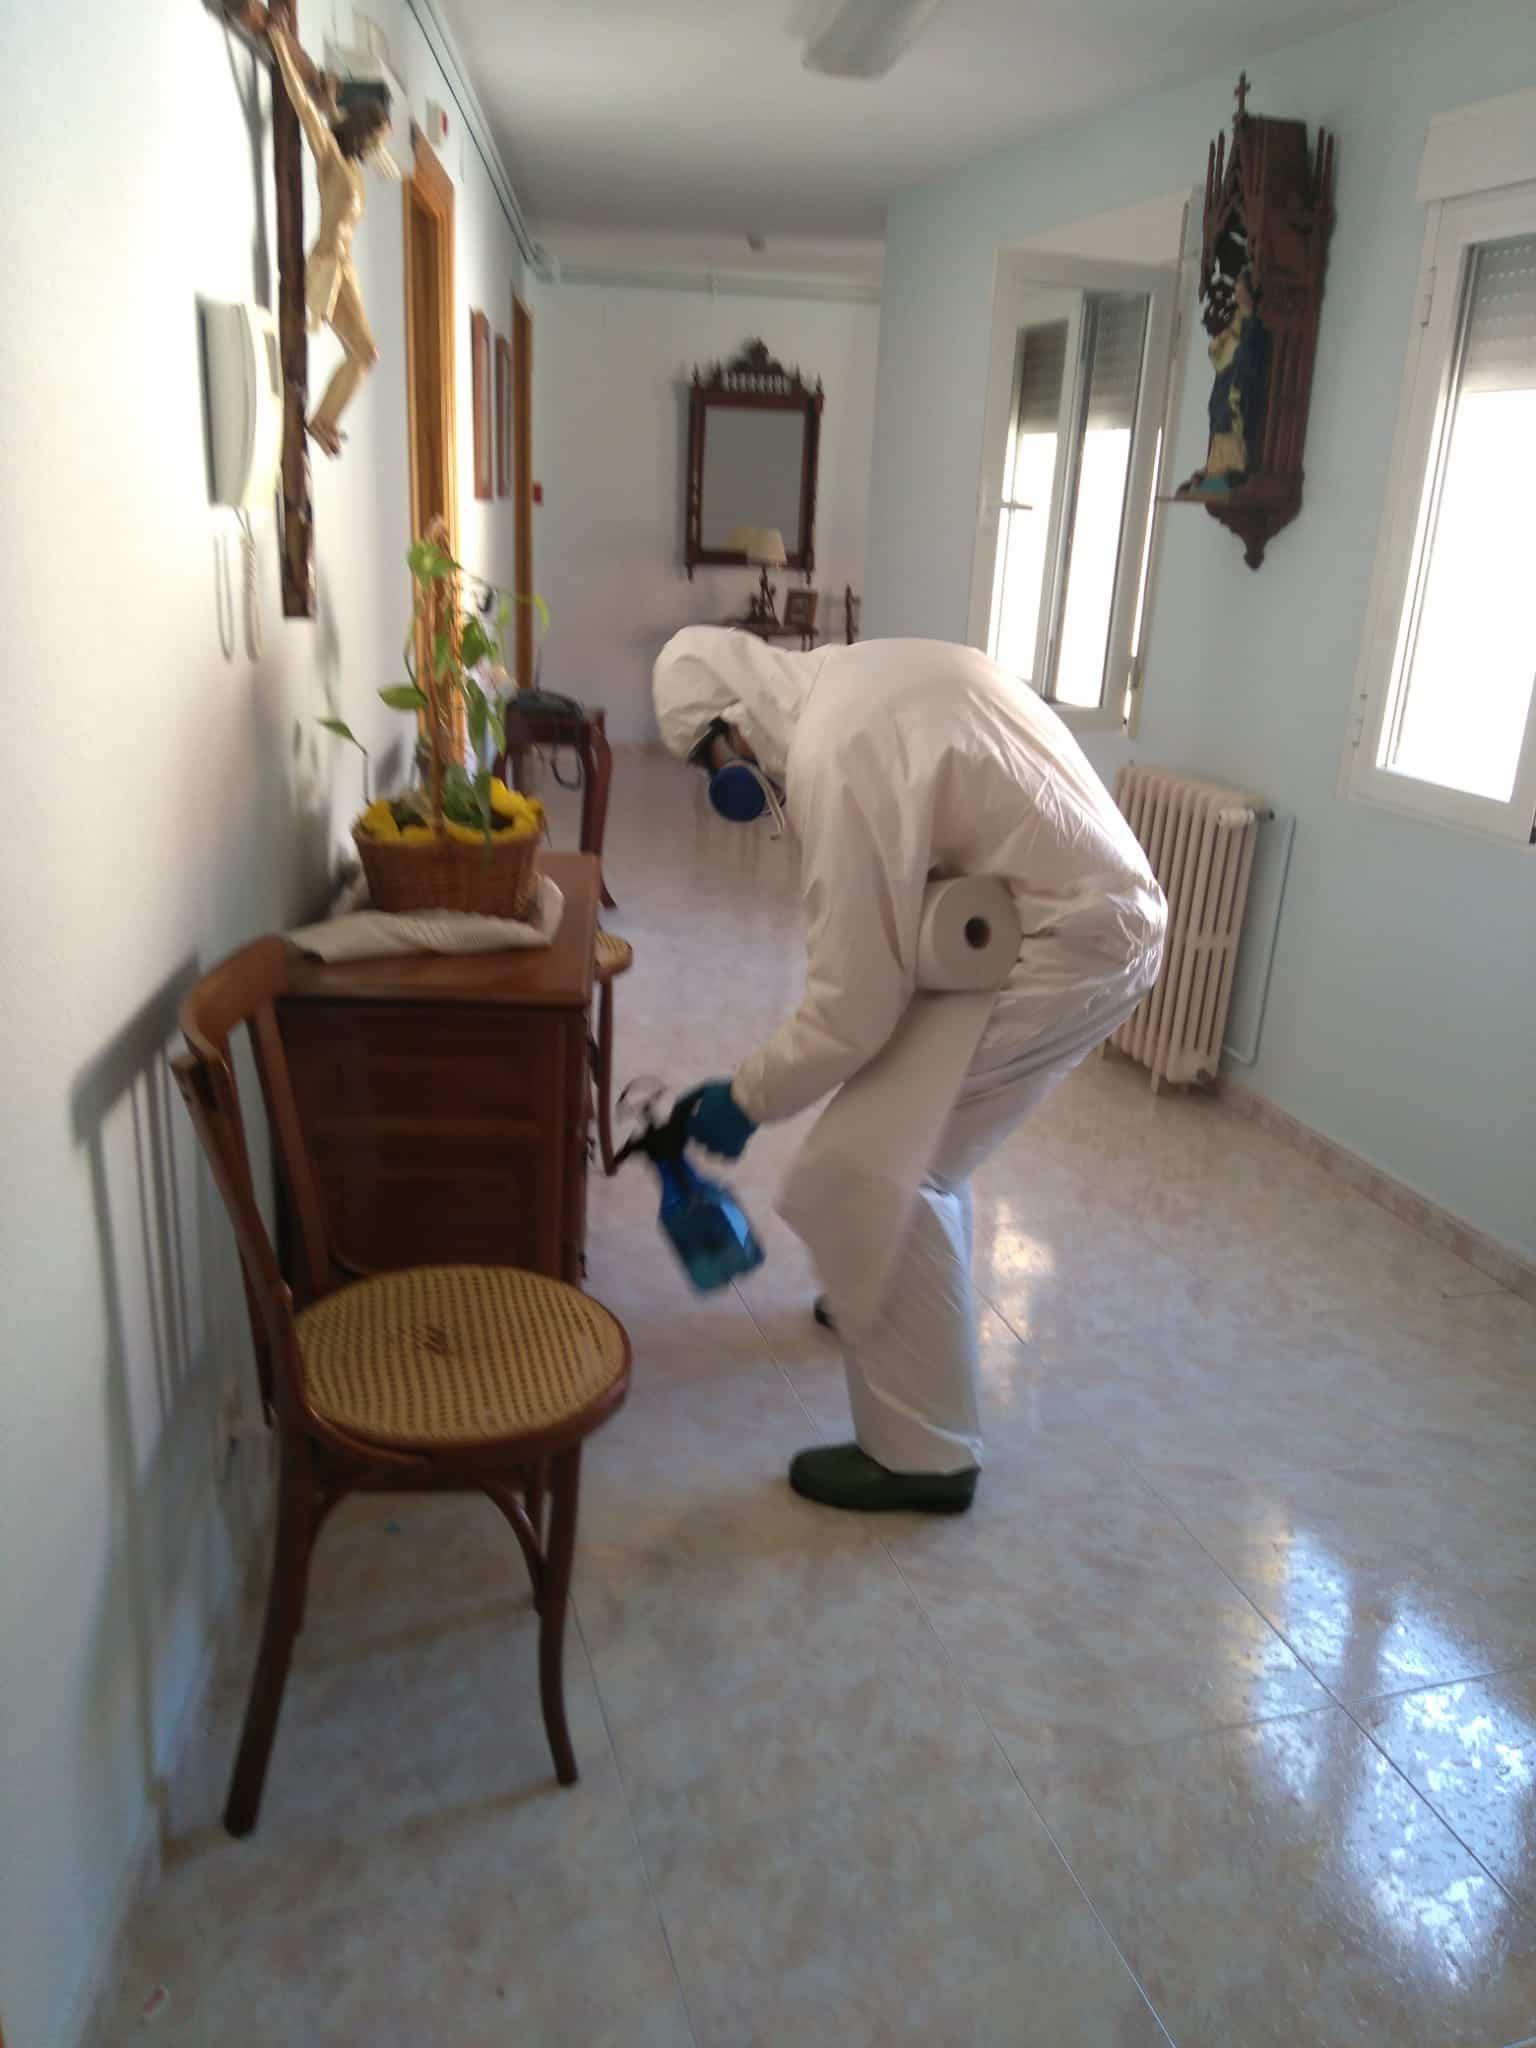 desinfeccion geacam herencia domingo resureccion 4 - Desinfección en exterior e interior del Centro de Salud y de las dos Residencias de Mayores hoy domingo